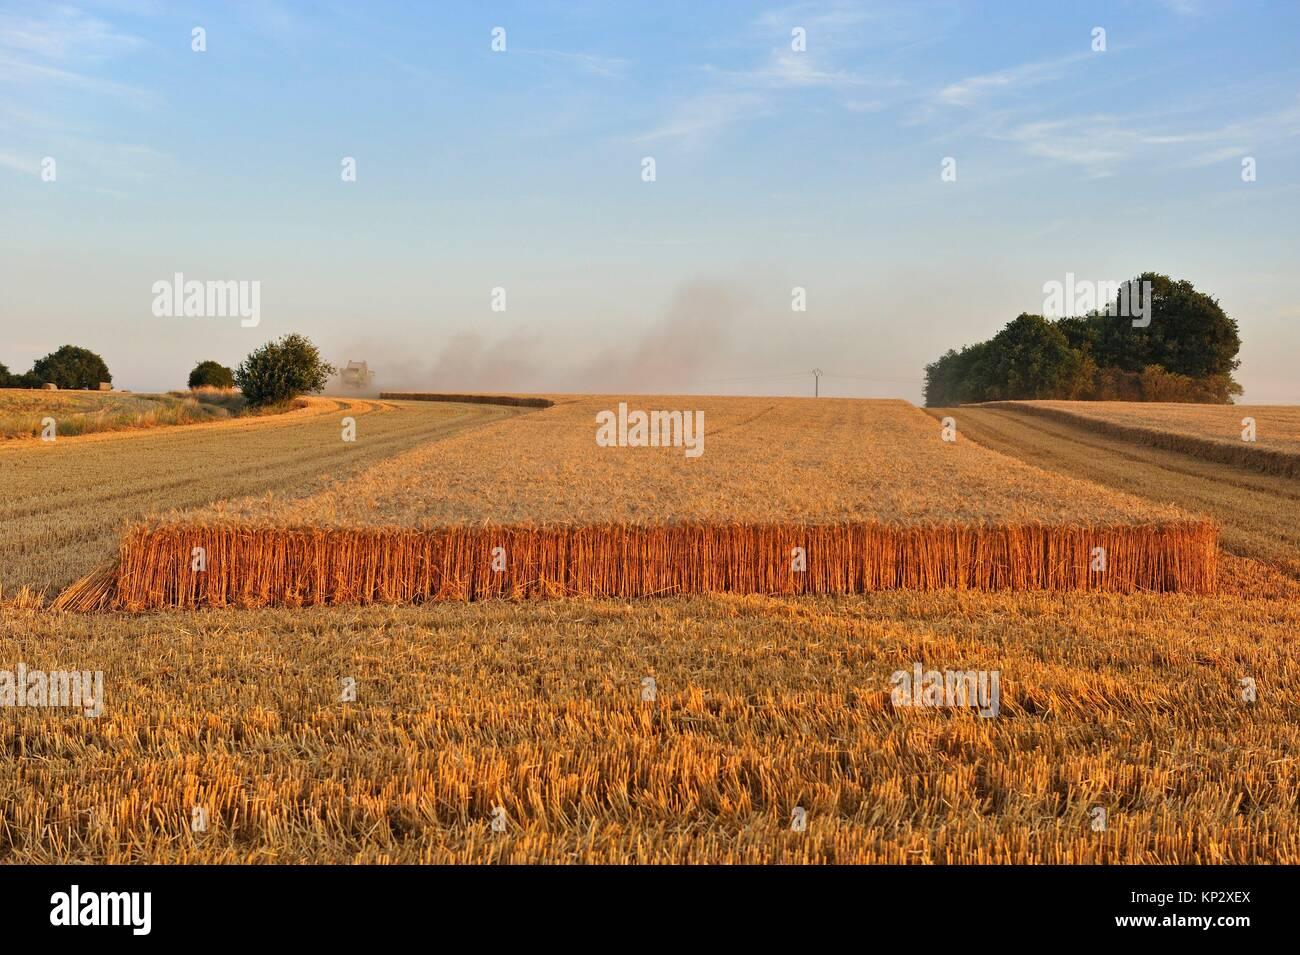 moisson, departement Eure-et-Loir, region Centre-Val de Loire, France, Europe/harvesting, Eure-et-Loir department - Stock Image